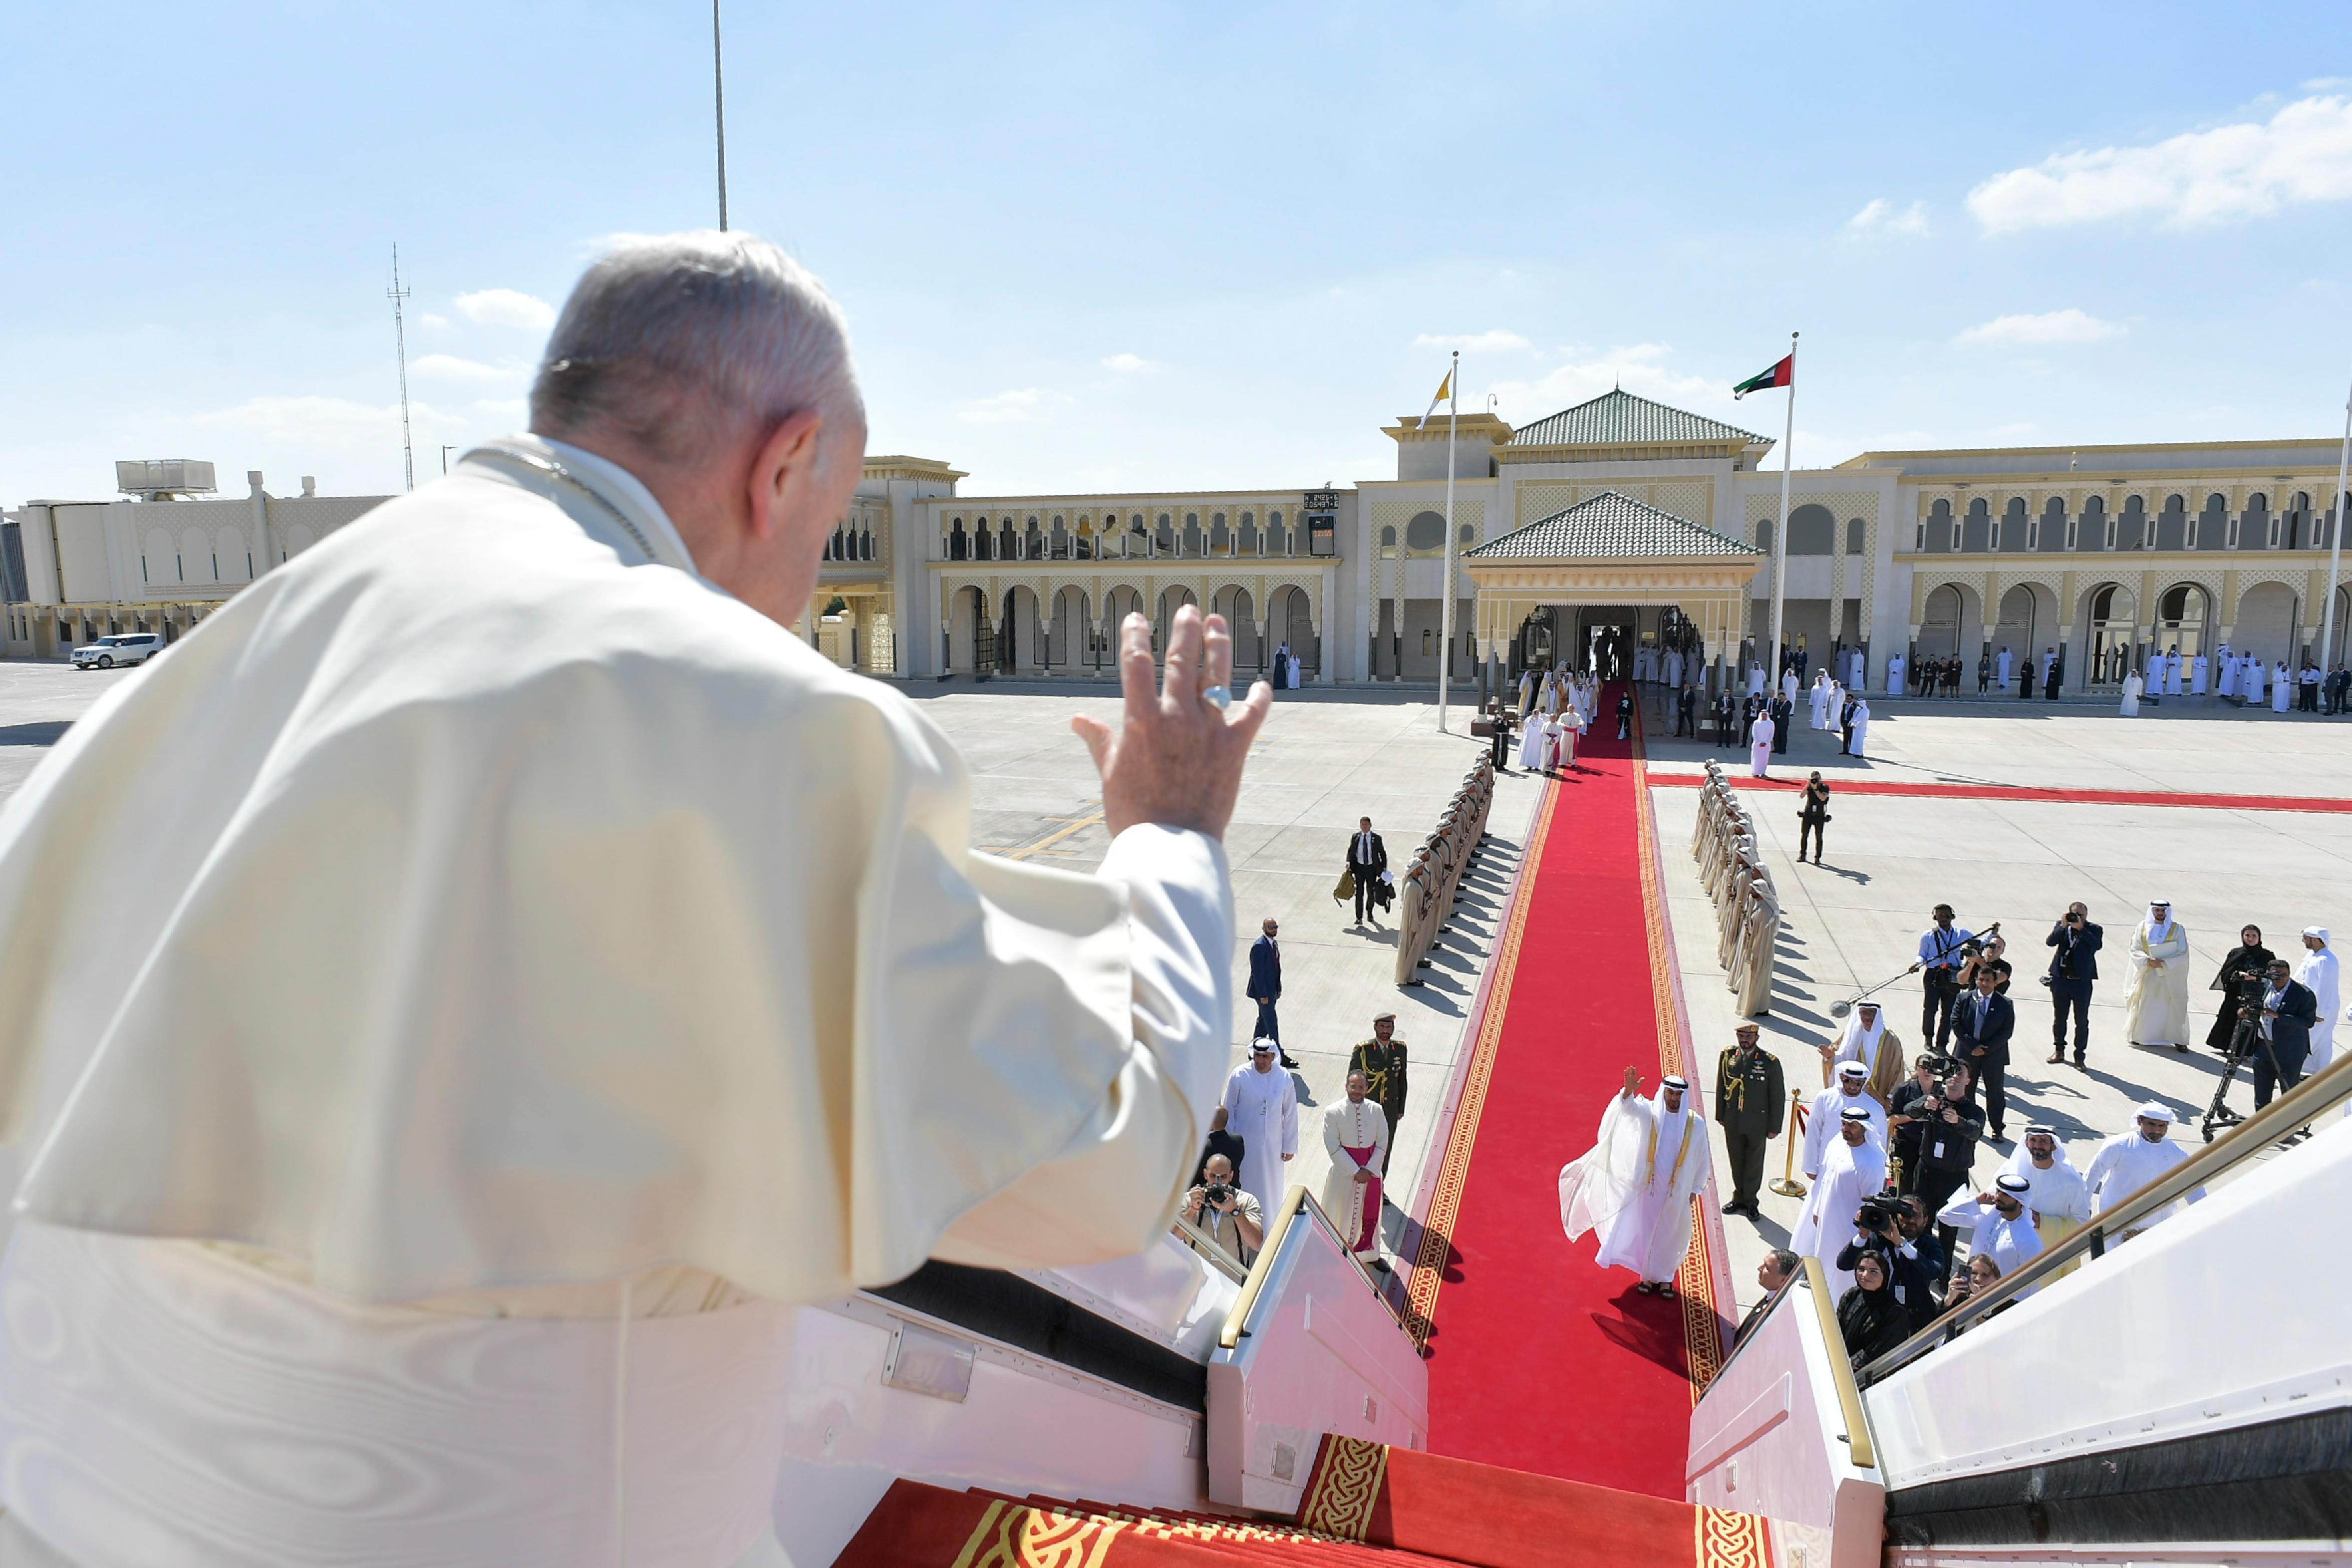 Despedida del Papa Francisco en el Aeropuerto de Abu Dhabi, 5 feb. 2019 © Vatican Media